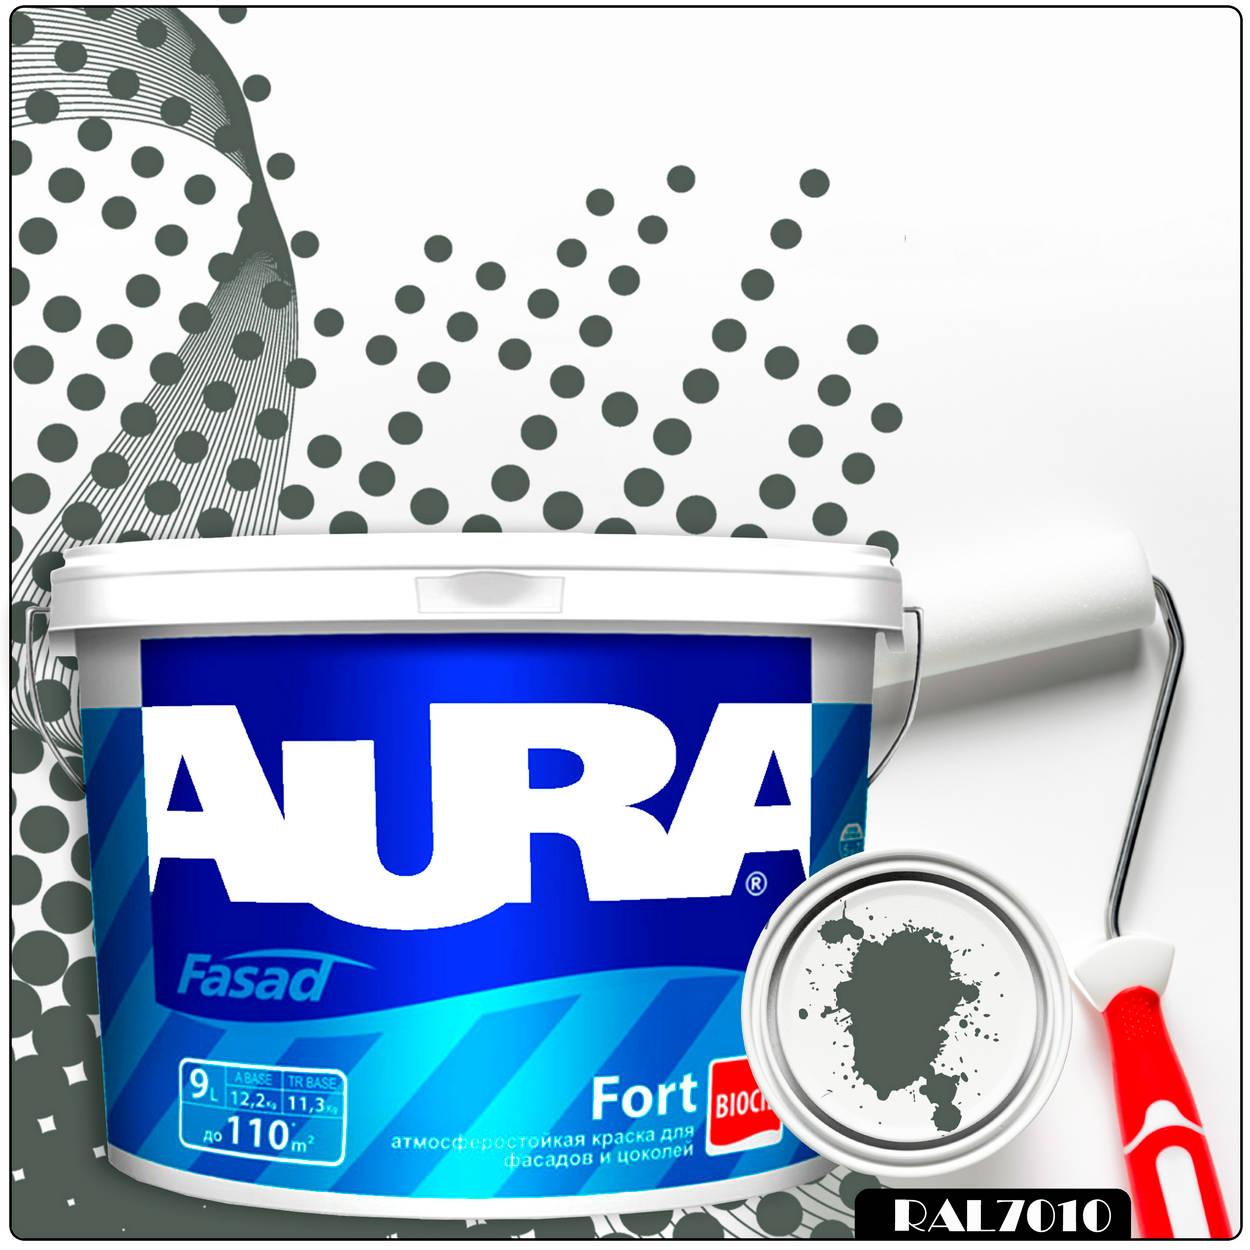 Фото 9 - Краска Aura Fasad Fort, RAL 7010 Серый брезент, латексная, матовая, для фасада и цоколей, 9л, Аура.